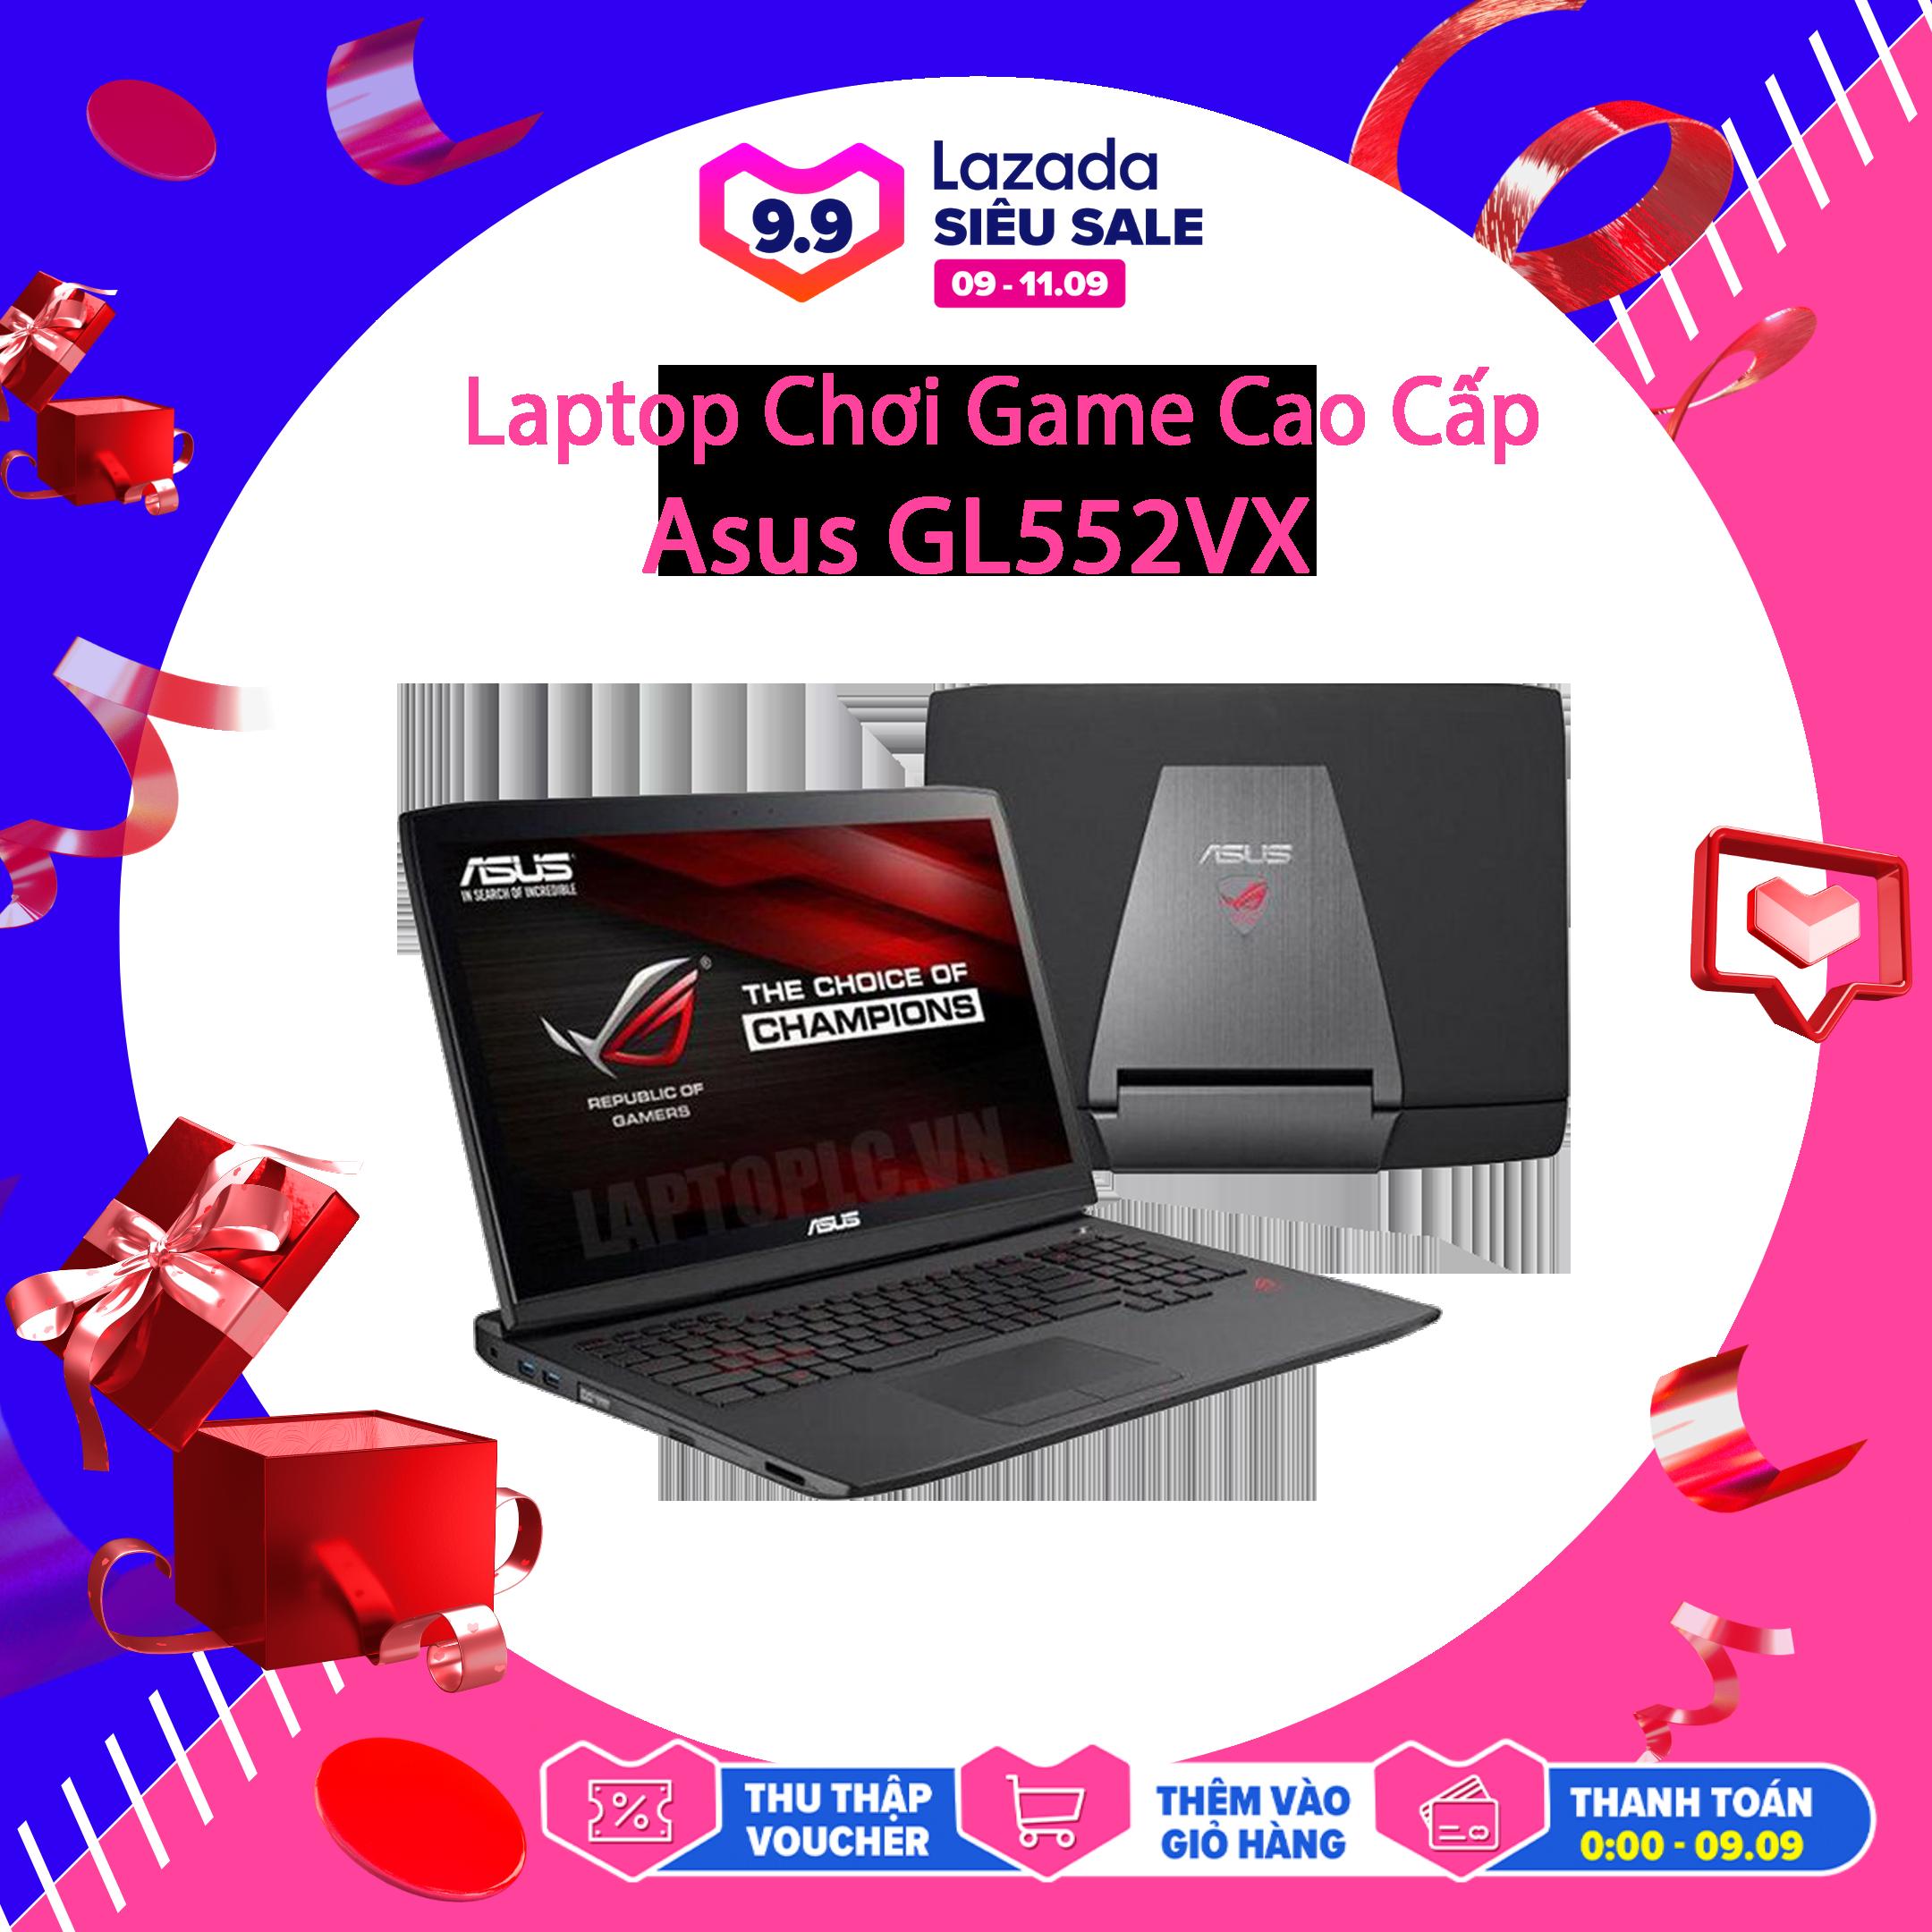 Laptop Chơi Game, Thiết Kế Đẹp Asus GL552VX, i7-6700HQ, VGA NVIDIA GTX 950M, Màn 15.6 Full HD, LaptopLC298